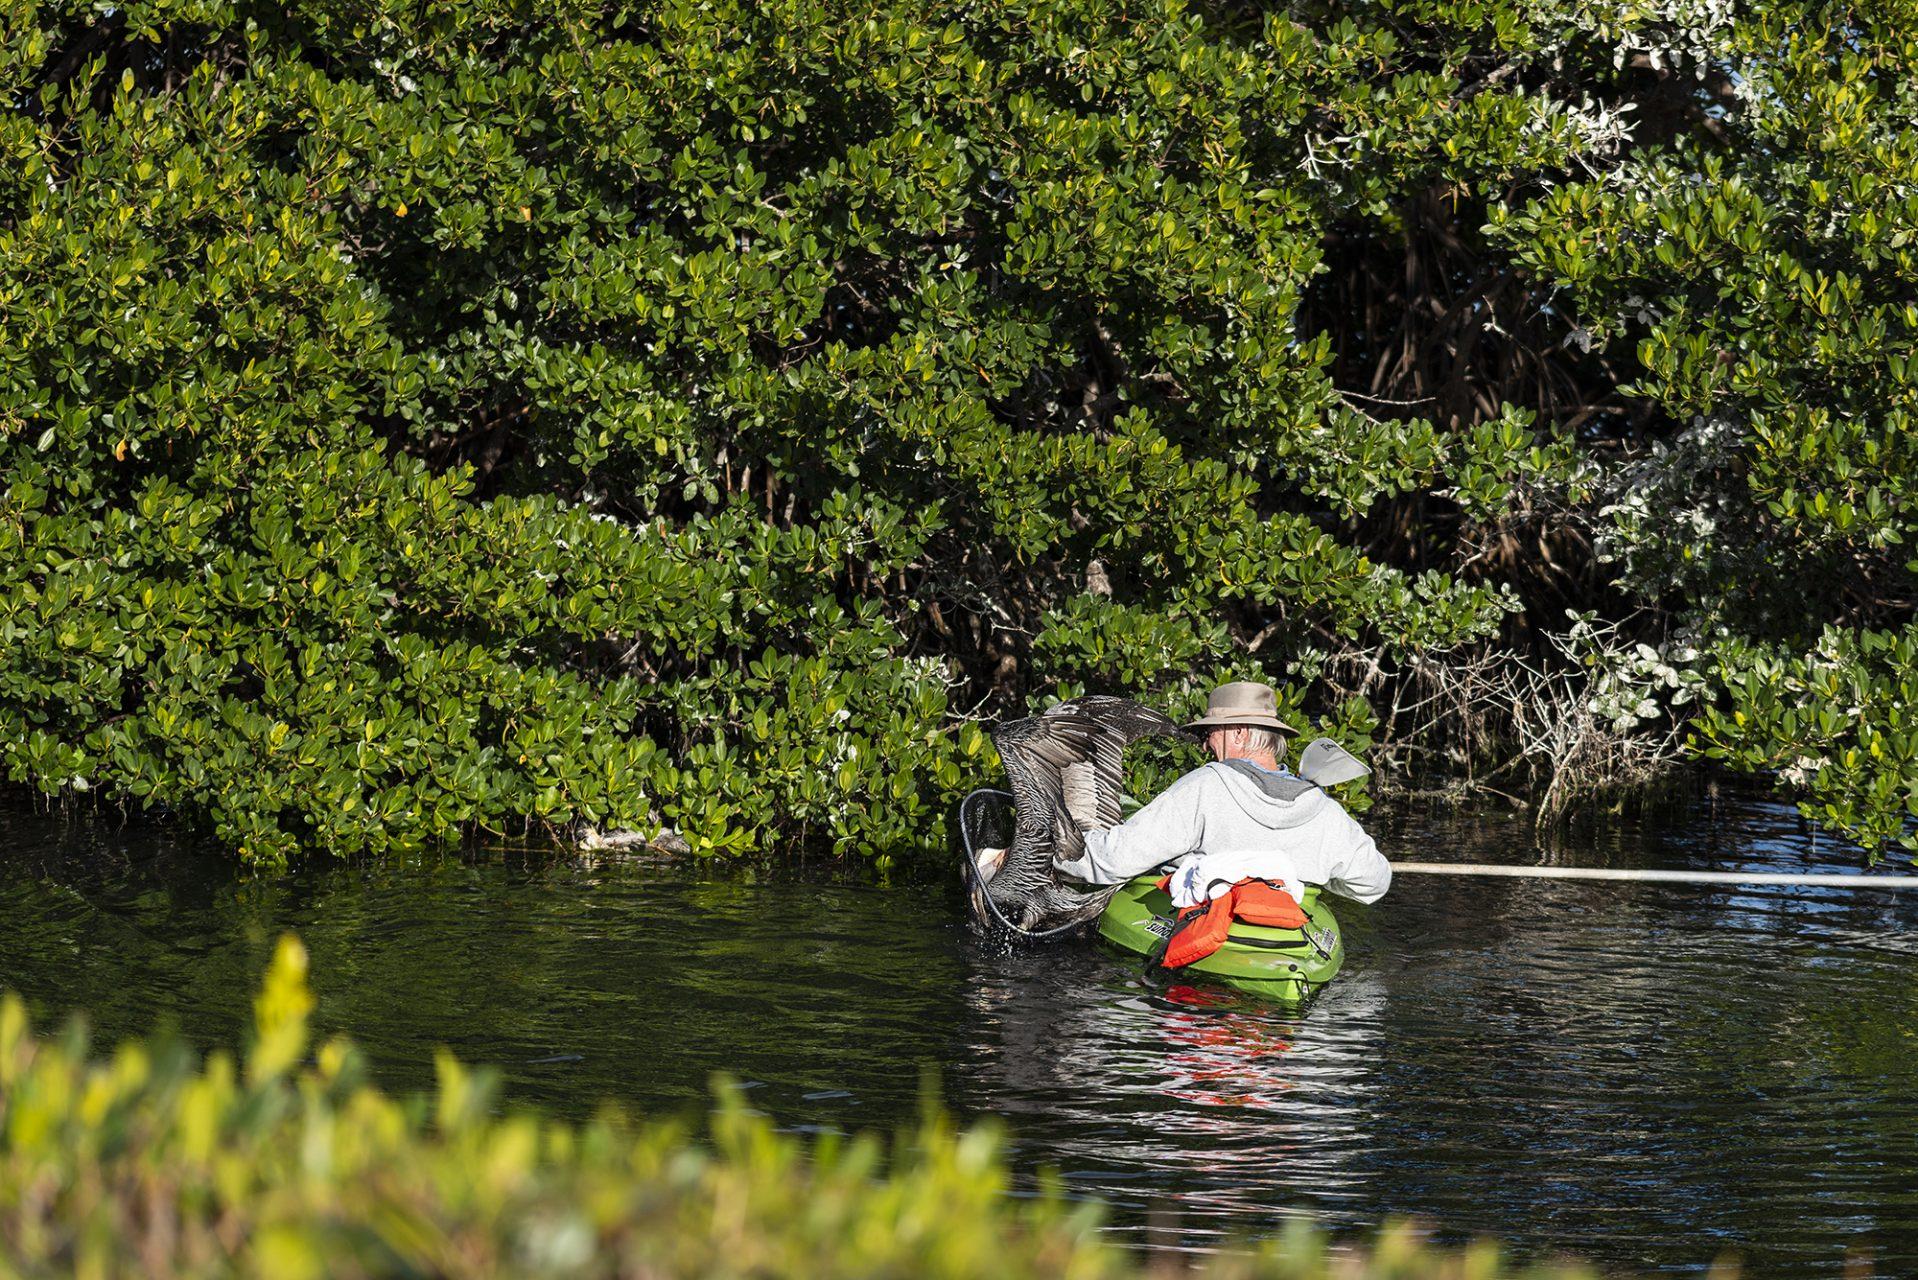 Rescuing Pelican